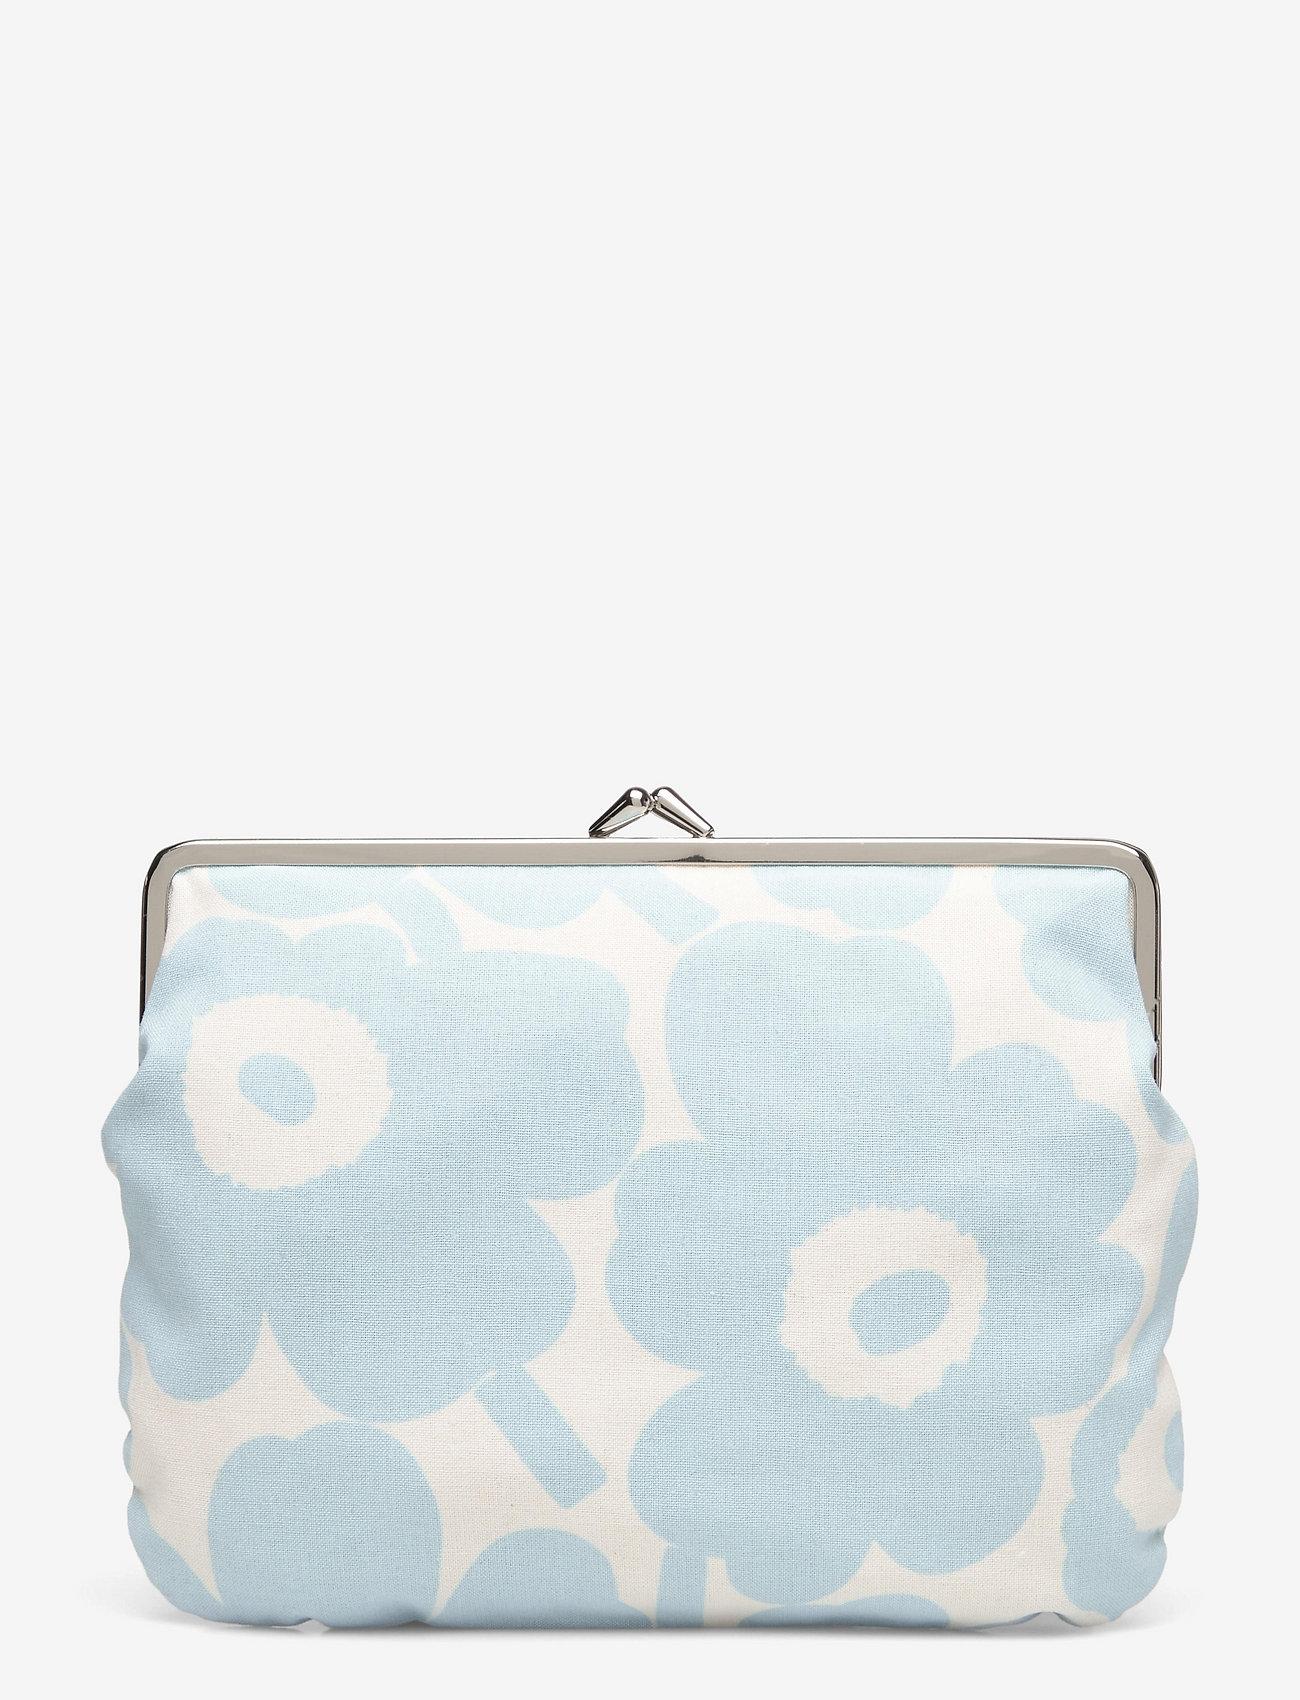 Marimekko - PUOLIKAS KUKKARO MINI UNIKKO PURSE - clutches - off white,light blue - 0